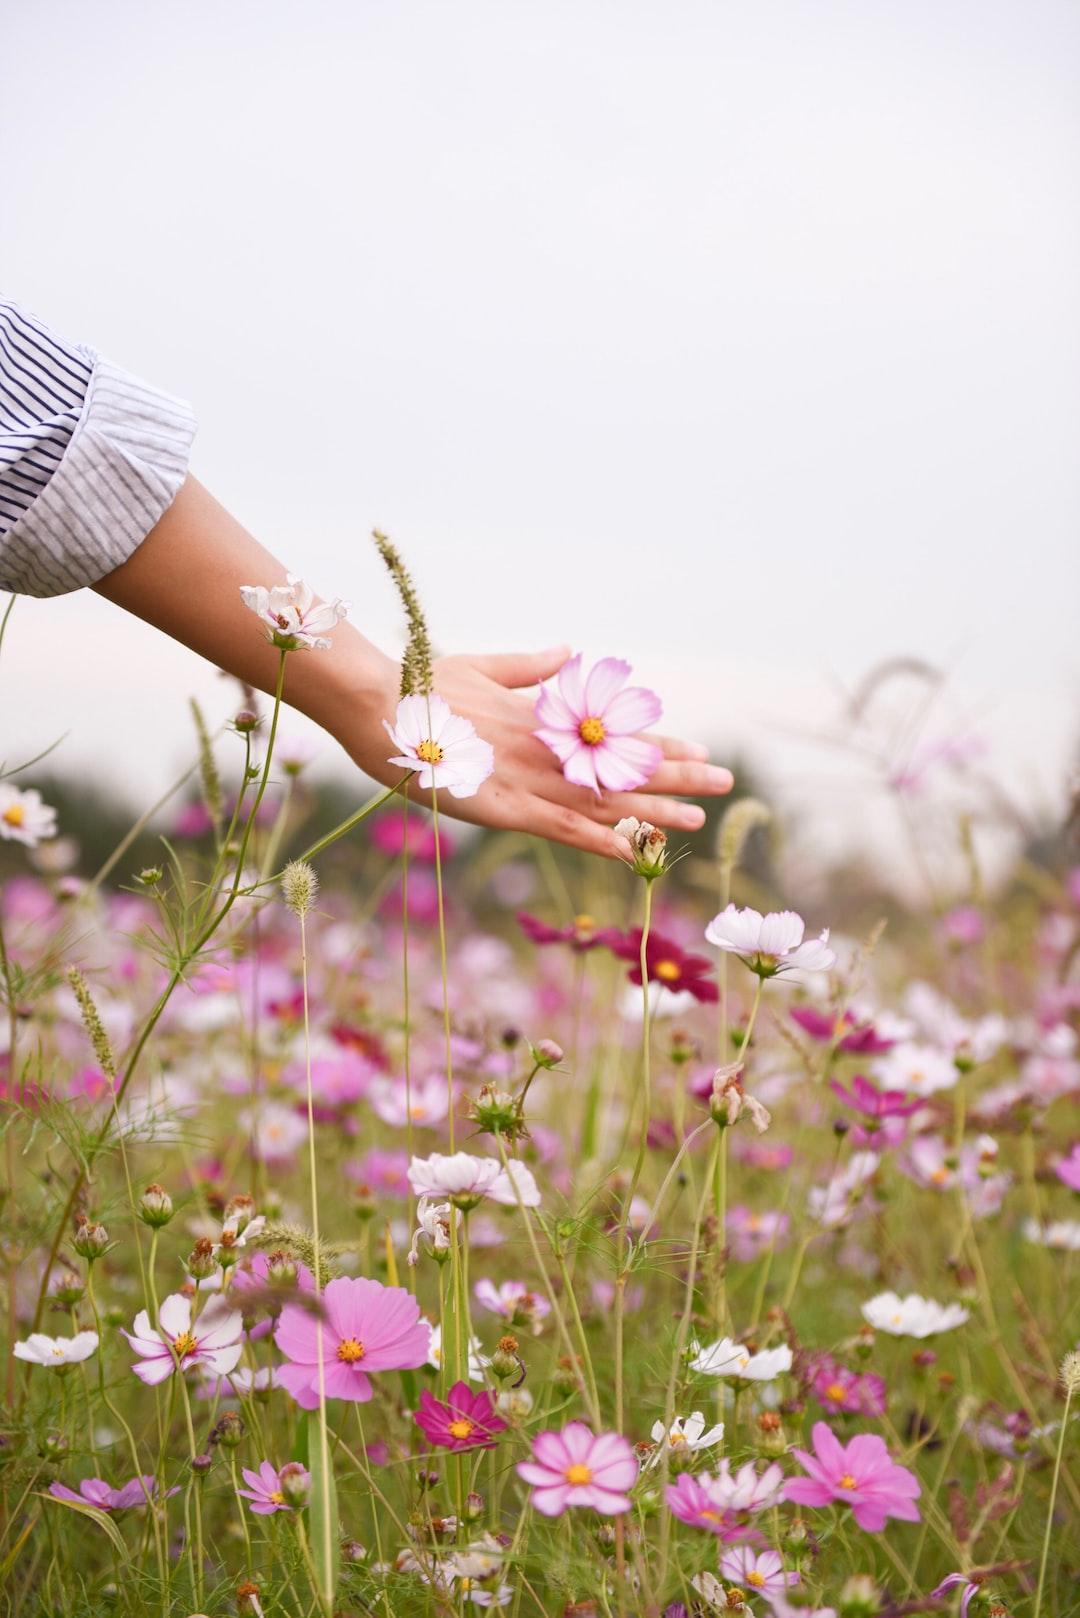 Strolling in a flower meadow